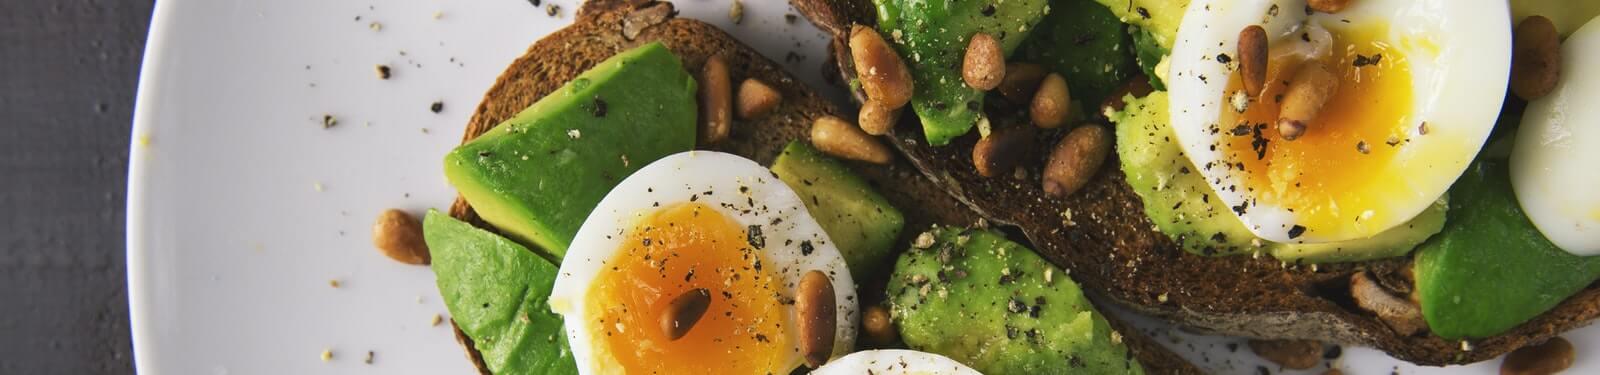 comer huevo favorece a los musculos